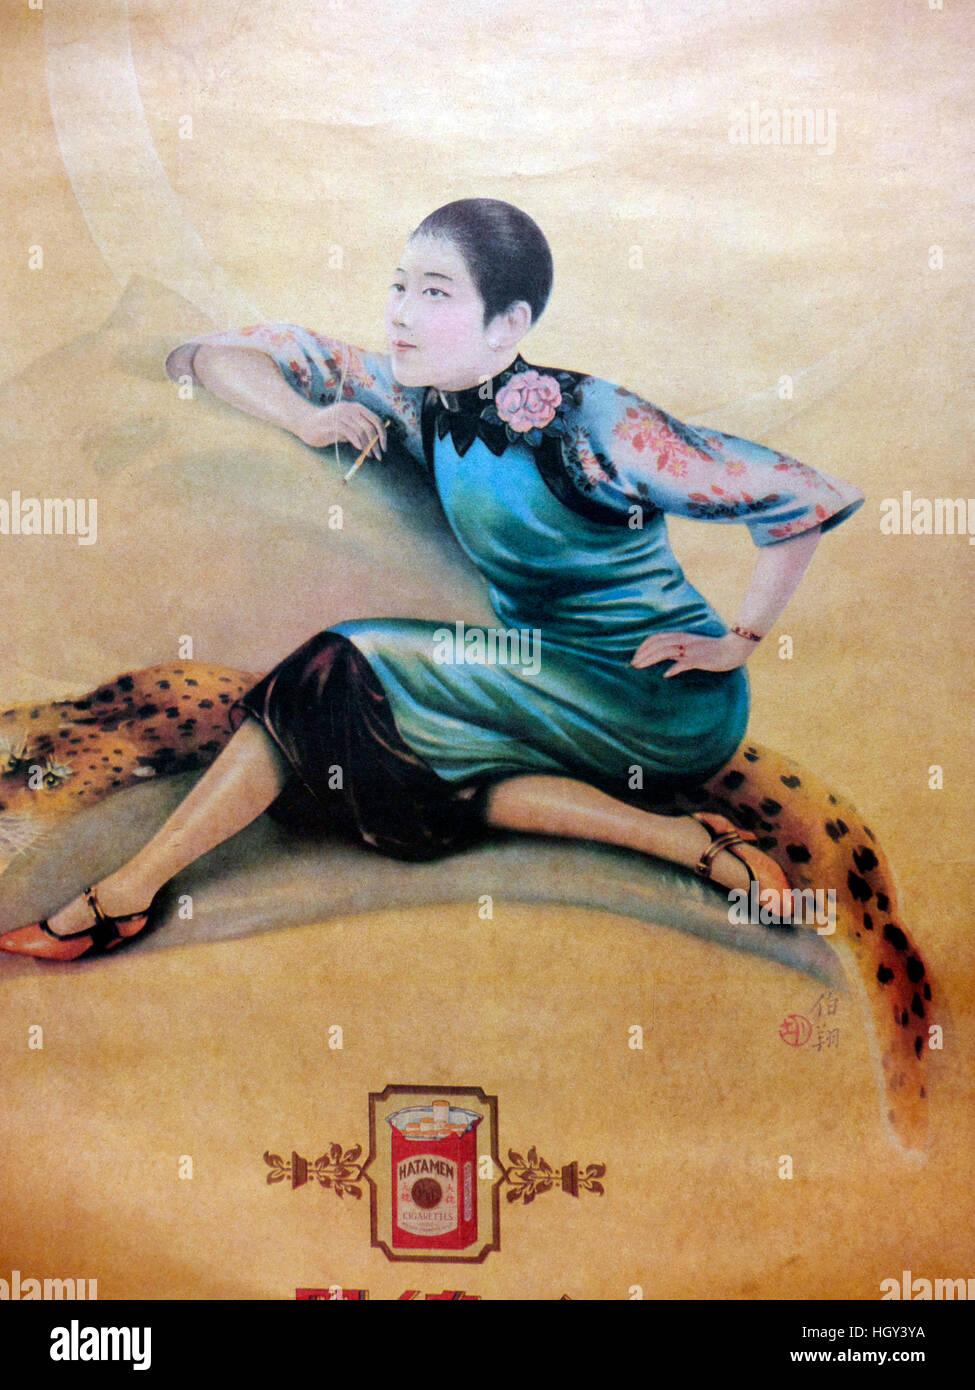 Póster de cigarrillos chinos nostálgico Imagen De Stock